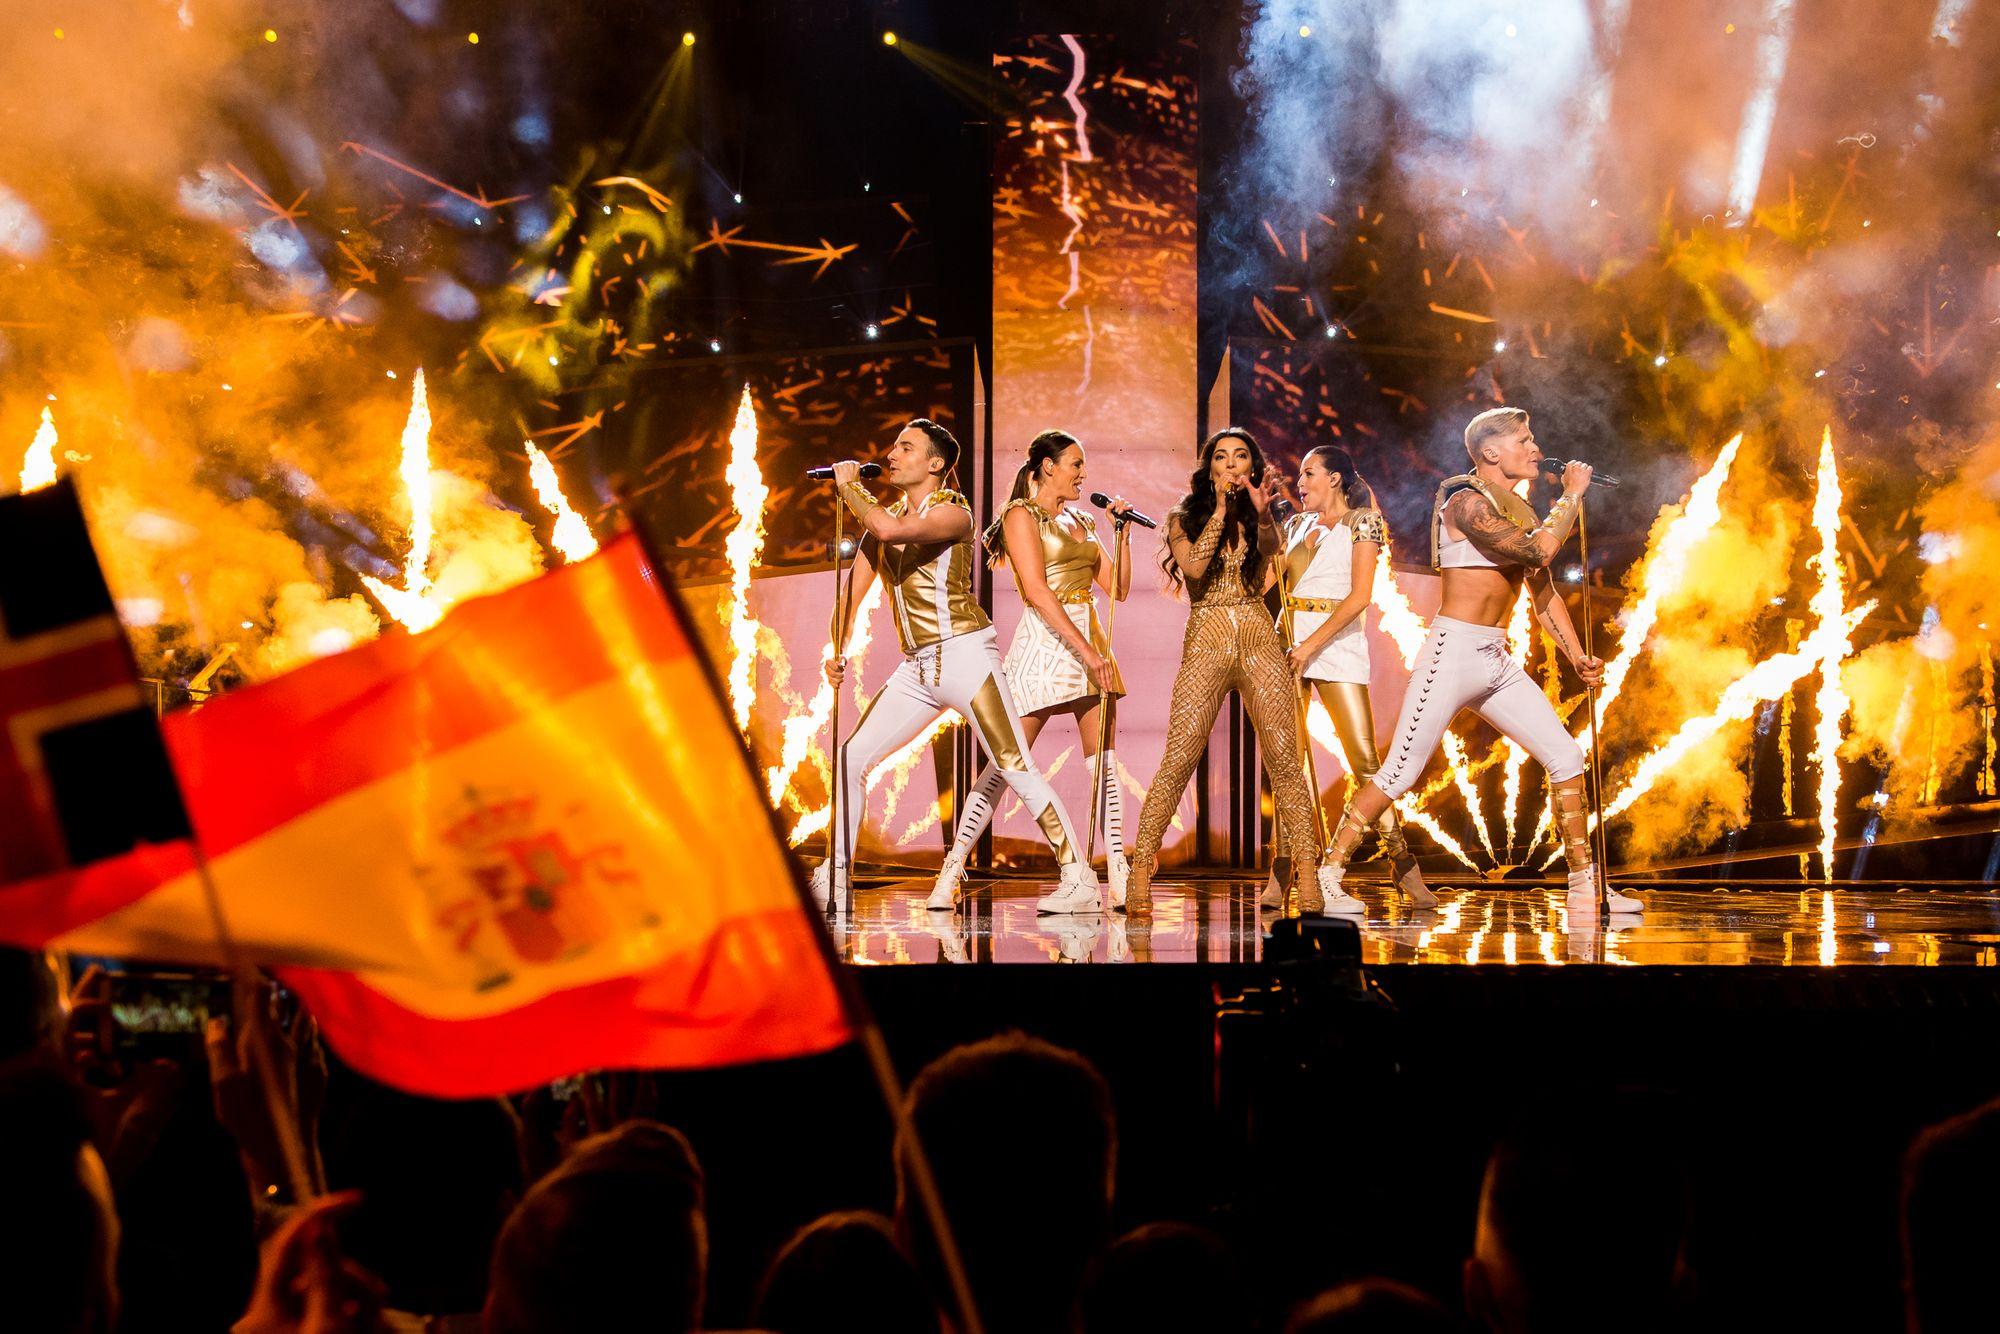 Cette année, il sera possible de regarder l'Eurovision en direct sur YouTube